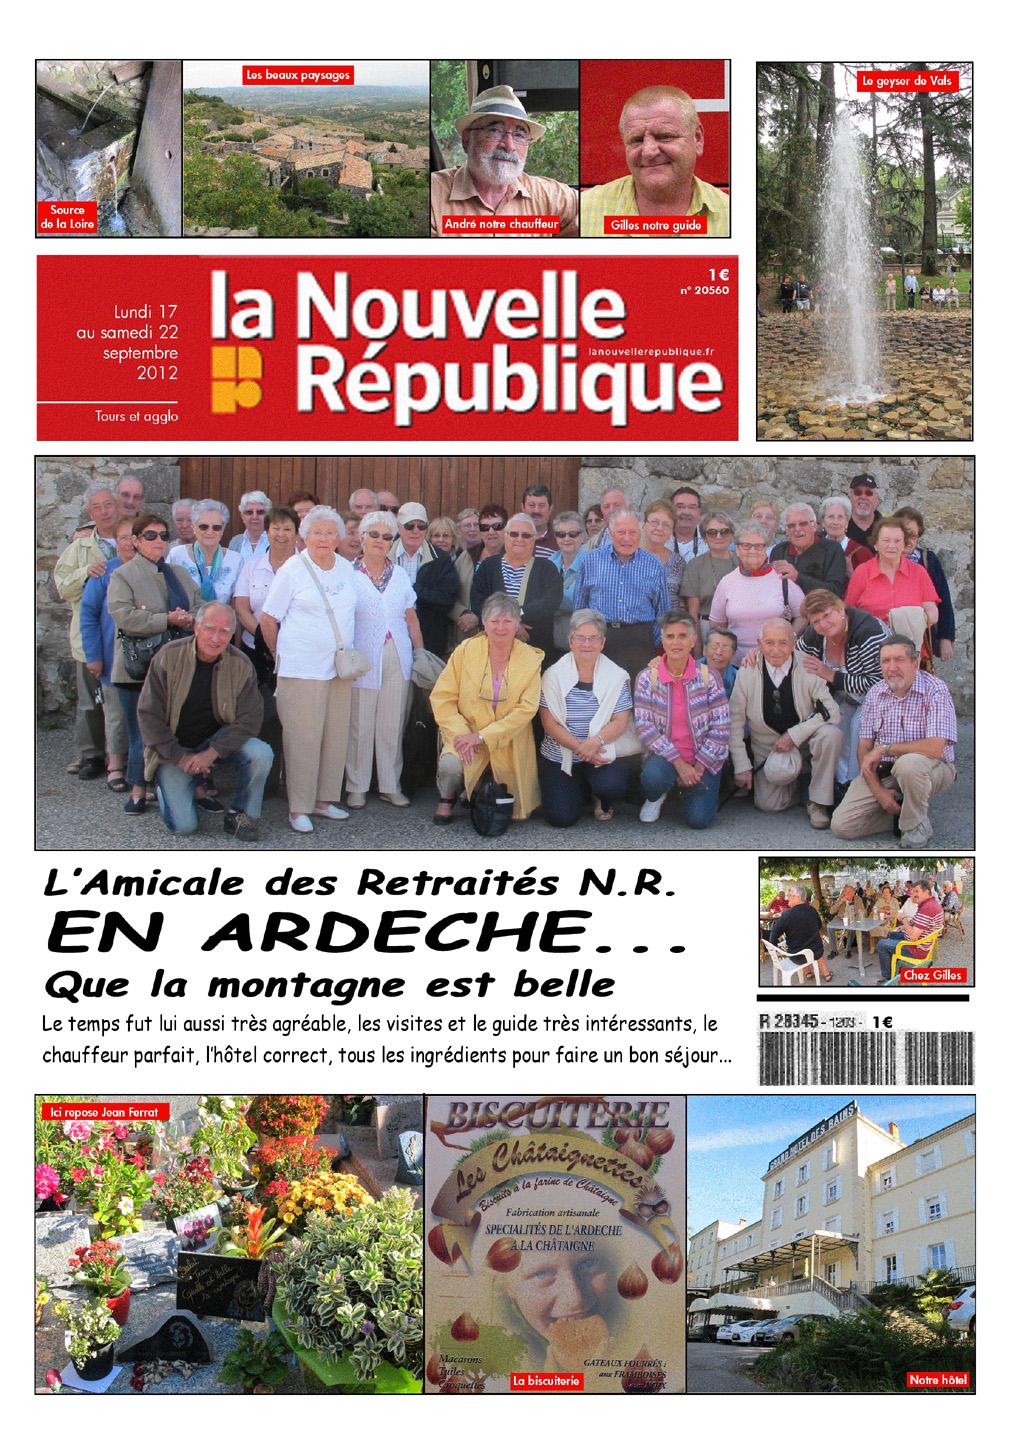 Les amicalistes de la Nouvelle République, voyage en Ardèche.